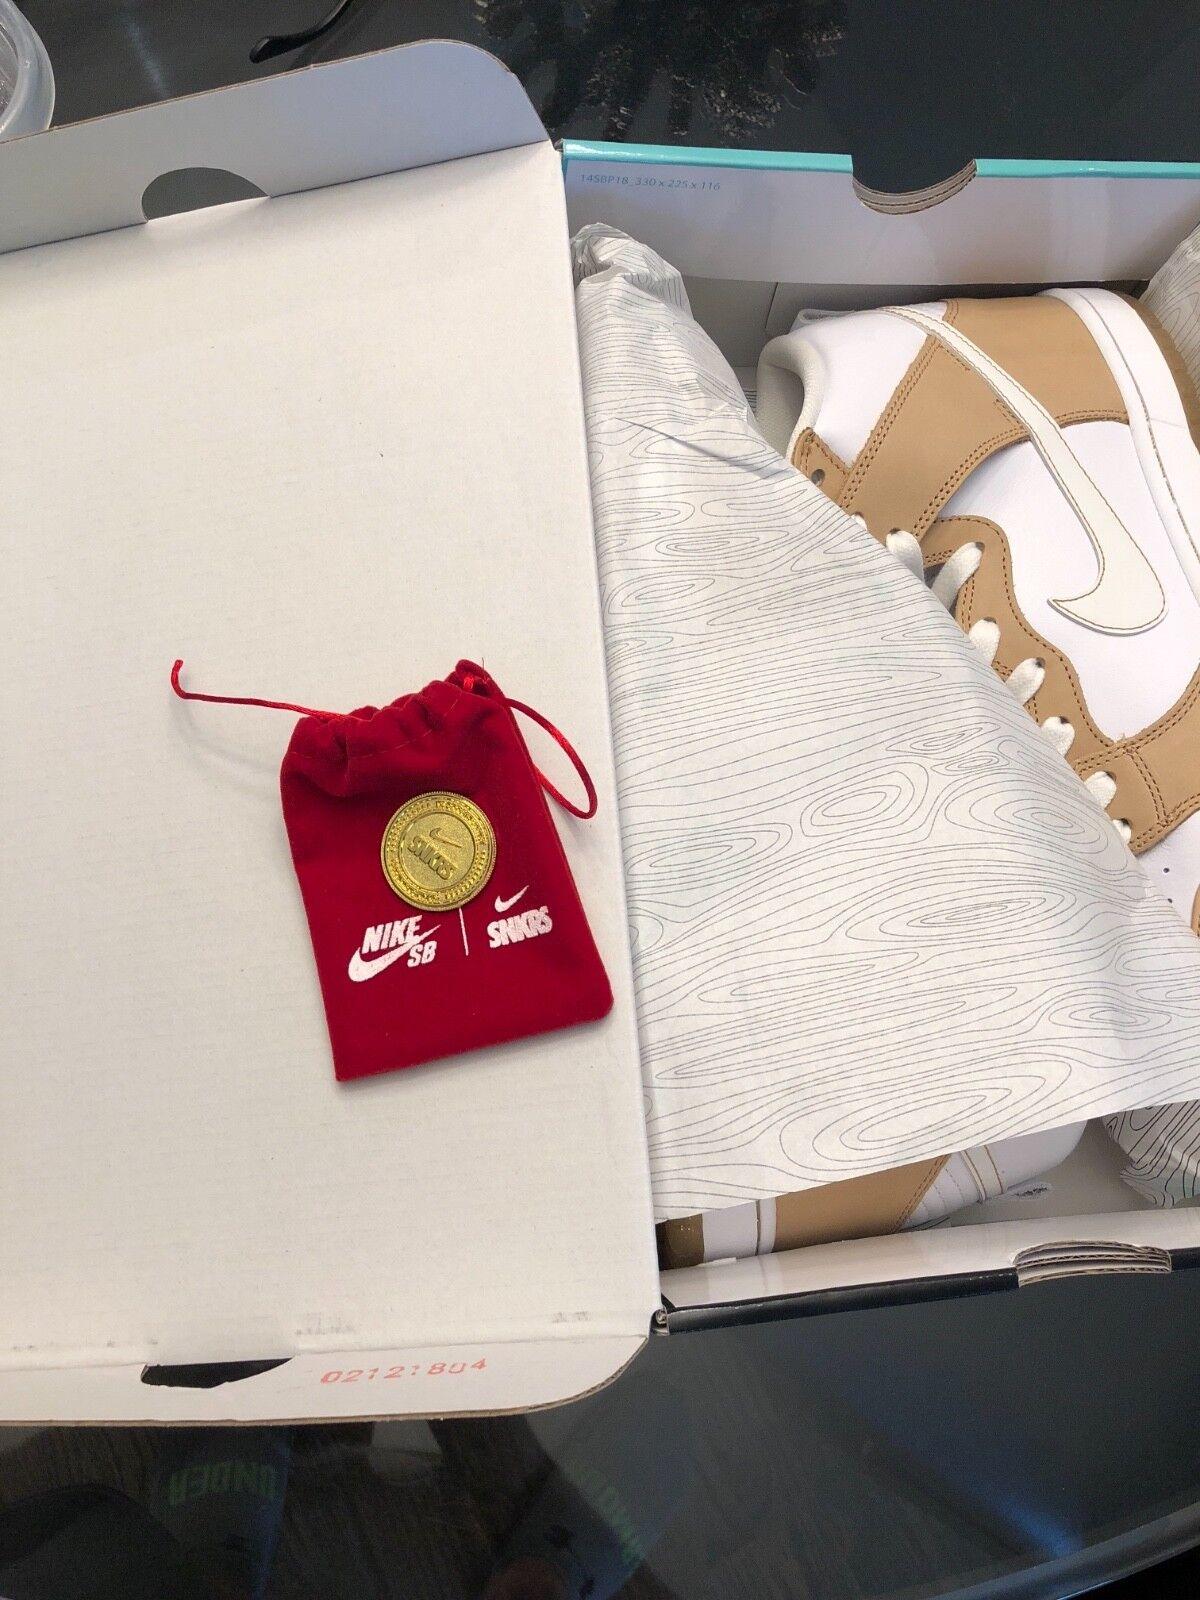 Nike sb x premier dunk